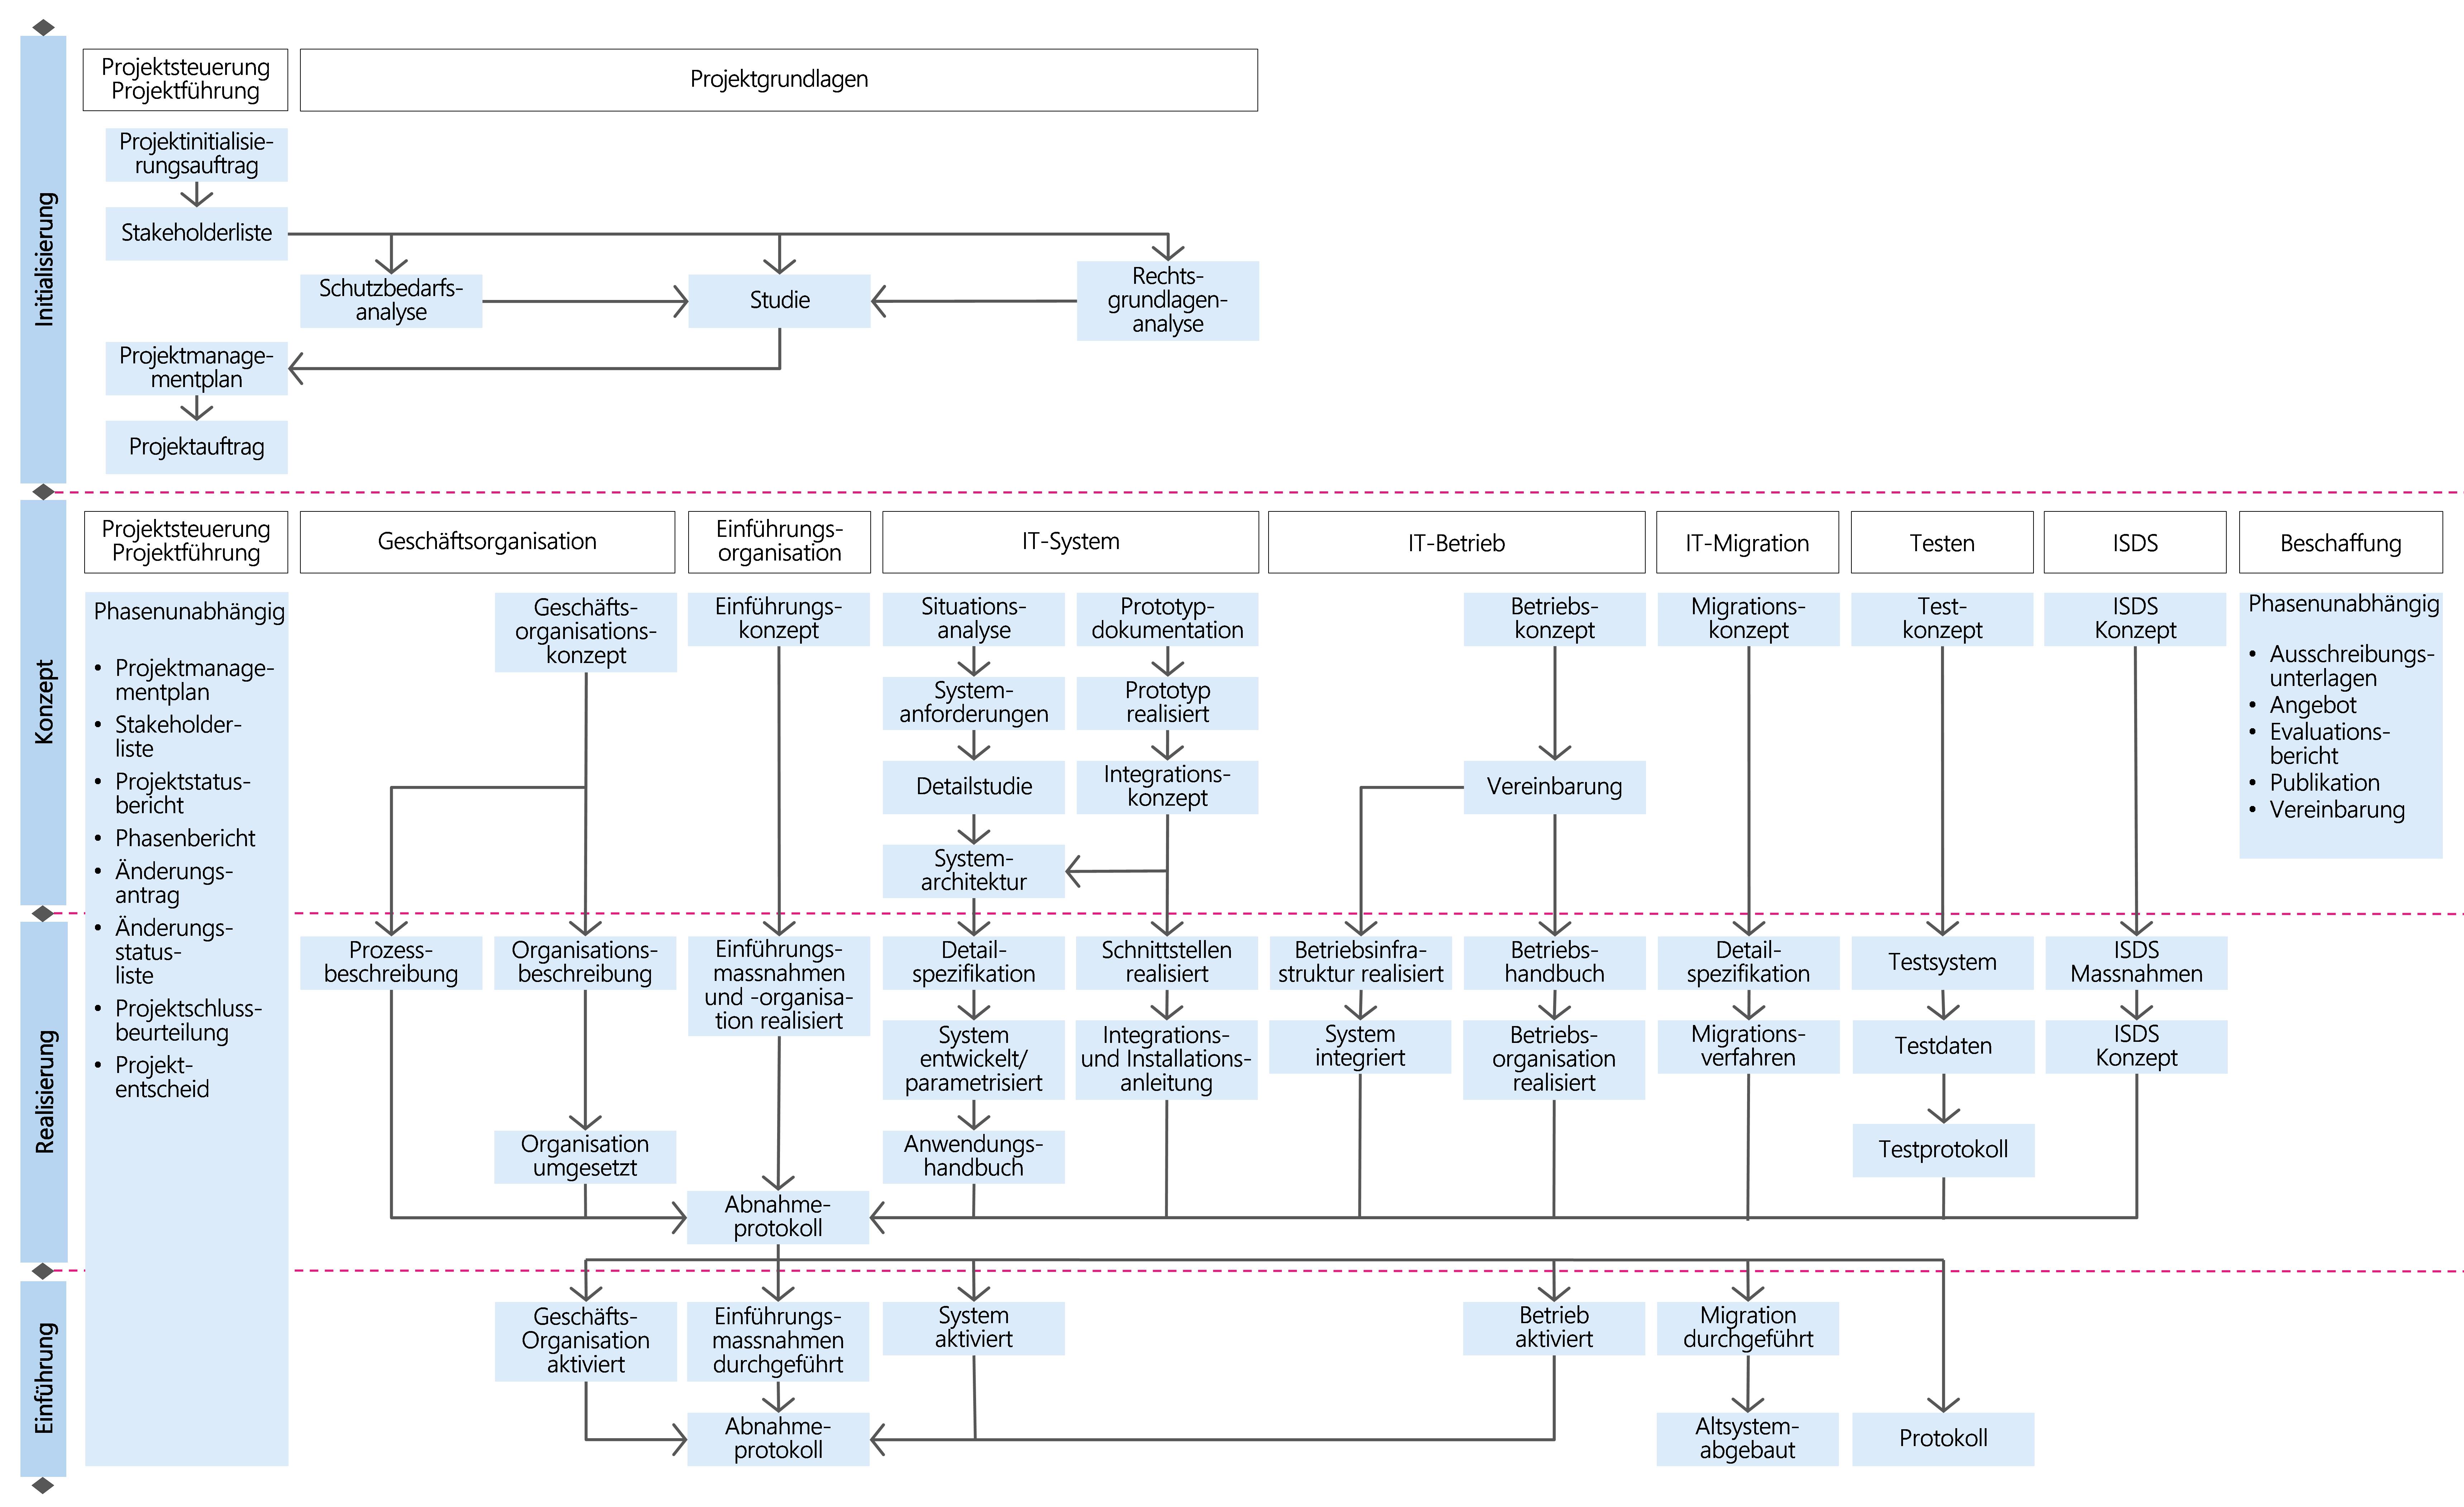 Abbildung 15: Ergebnisse der Module des Szenarios IT-Individualanwendung